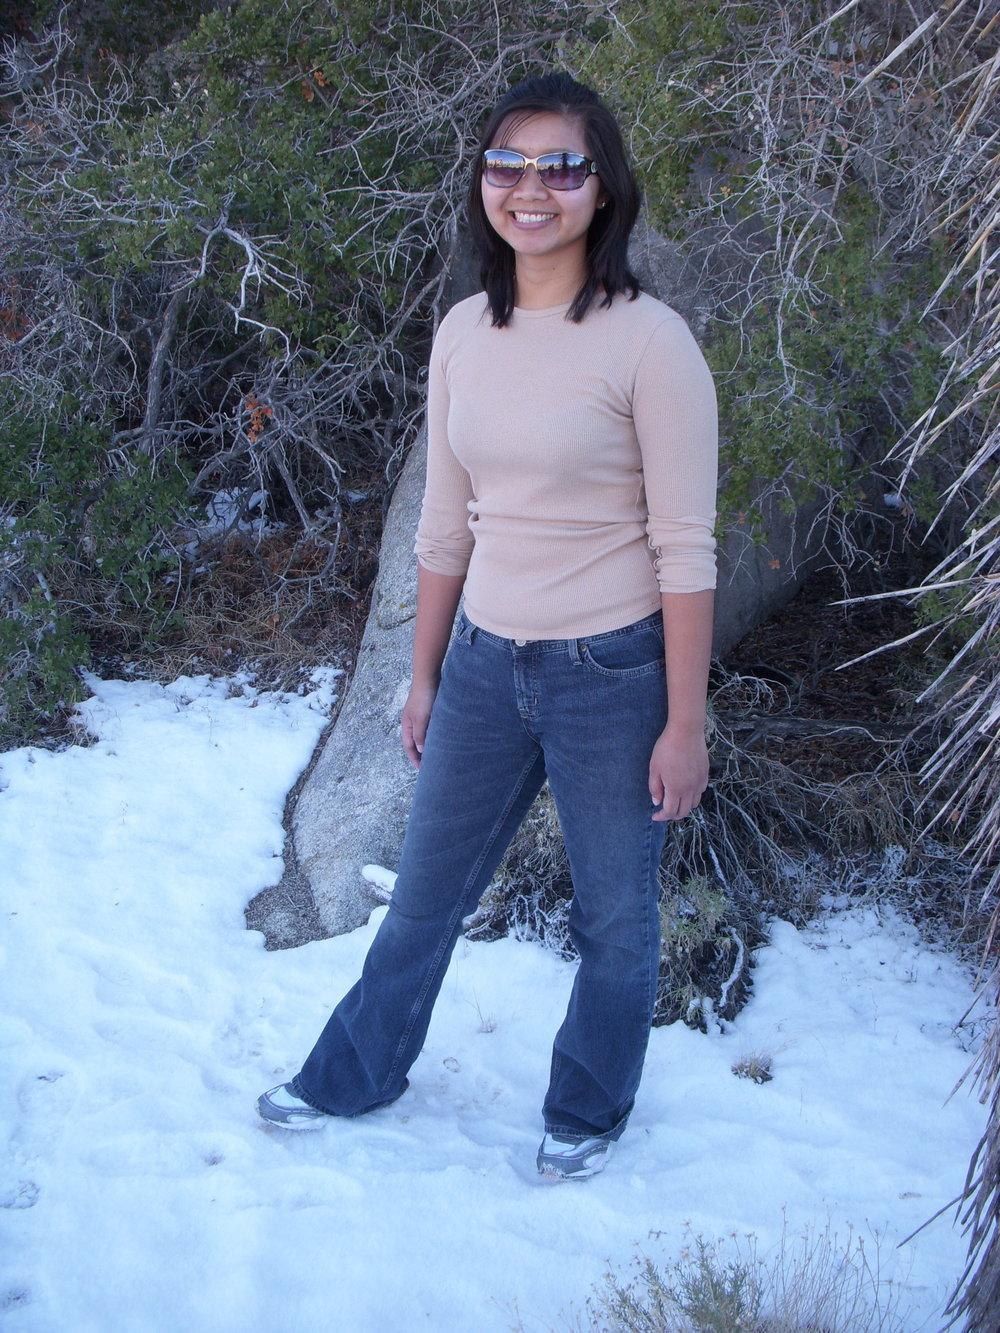 Mai in snow